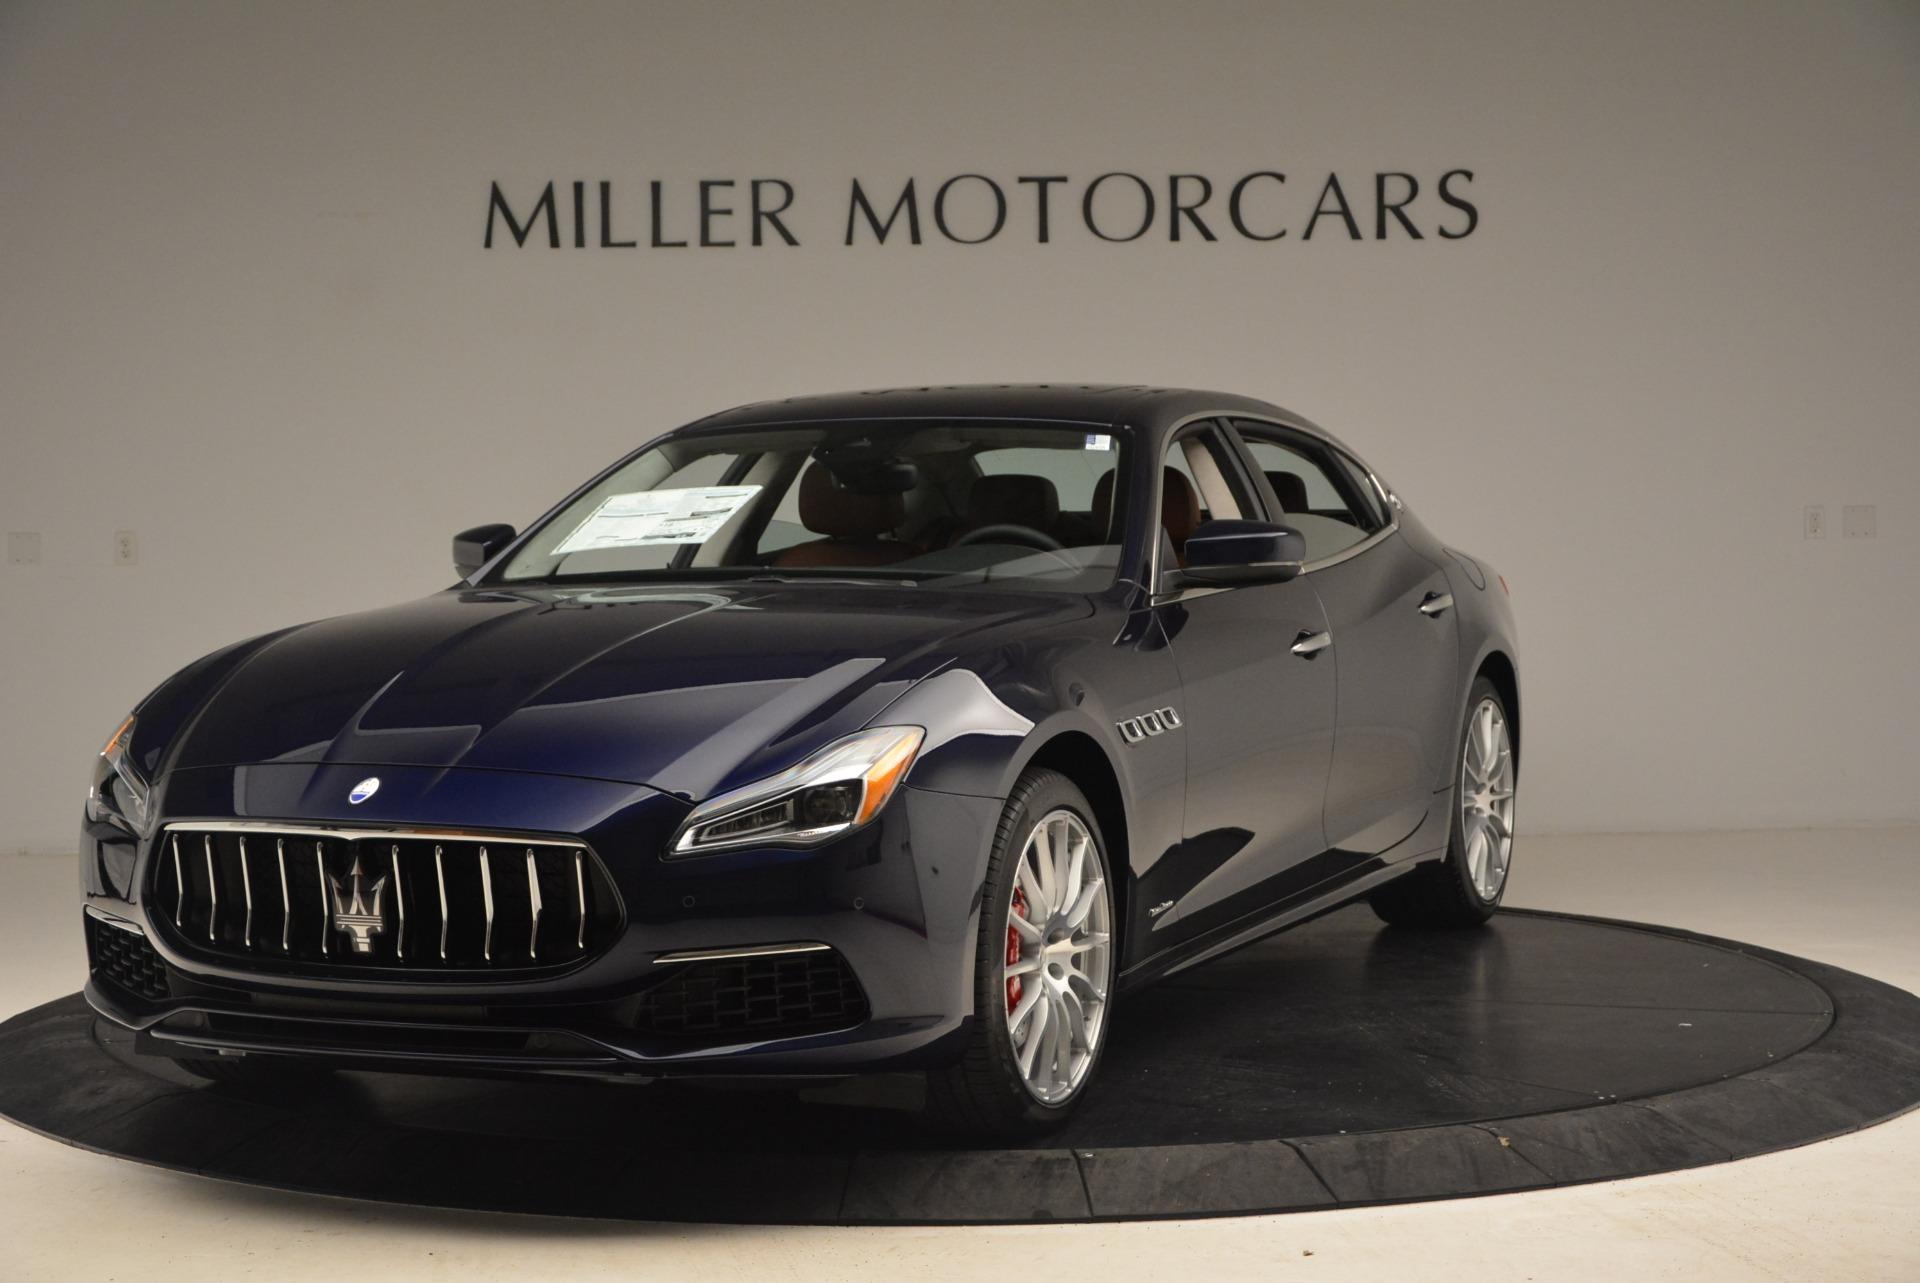 New 2019 Maserati Quattroporte S Q4 GranSport for sale $125,765 at Alfa Romeo of Greenwich in Greenwich CT 06830 1